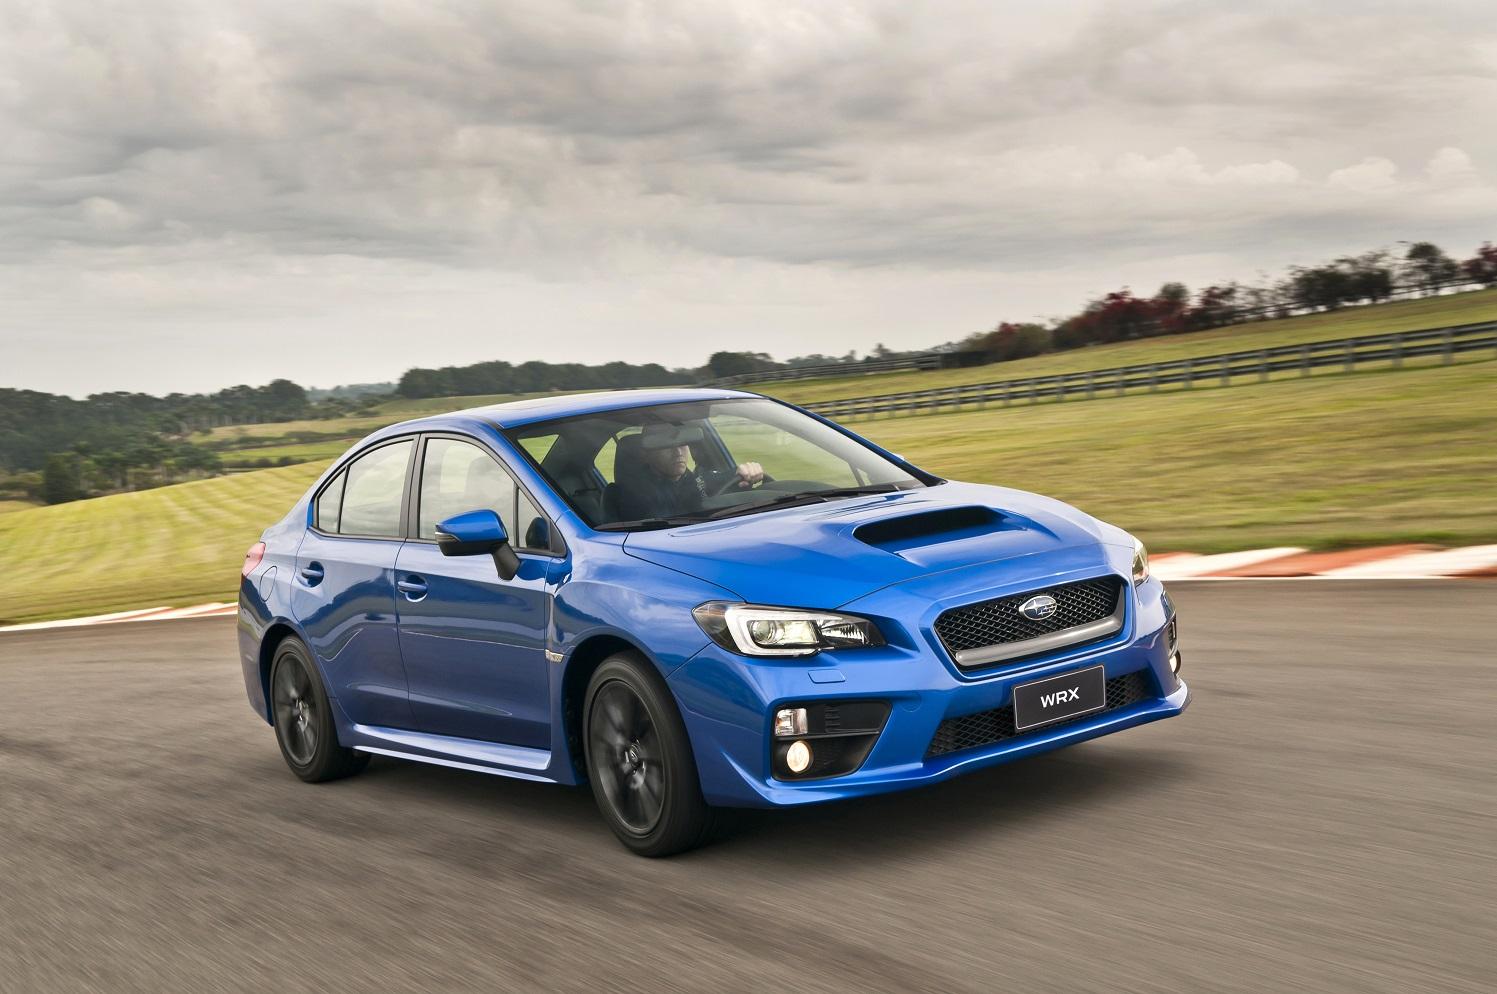 Subaru Wrx Sti 0-60 >> Wrx Ou Gti 2015.html | Autos Post